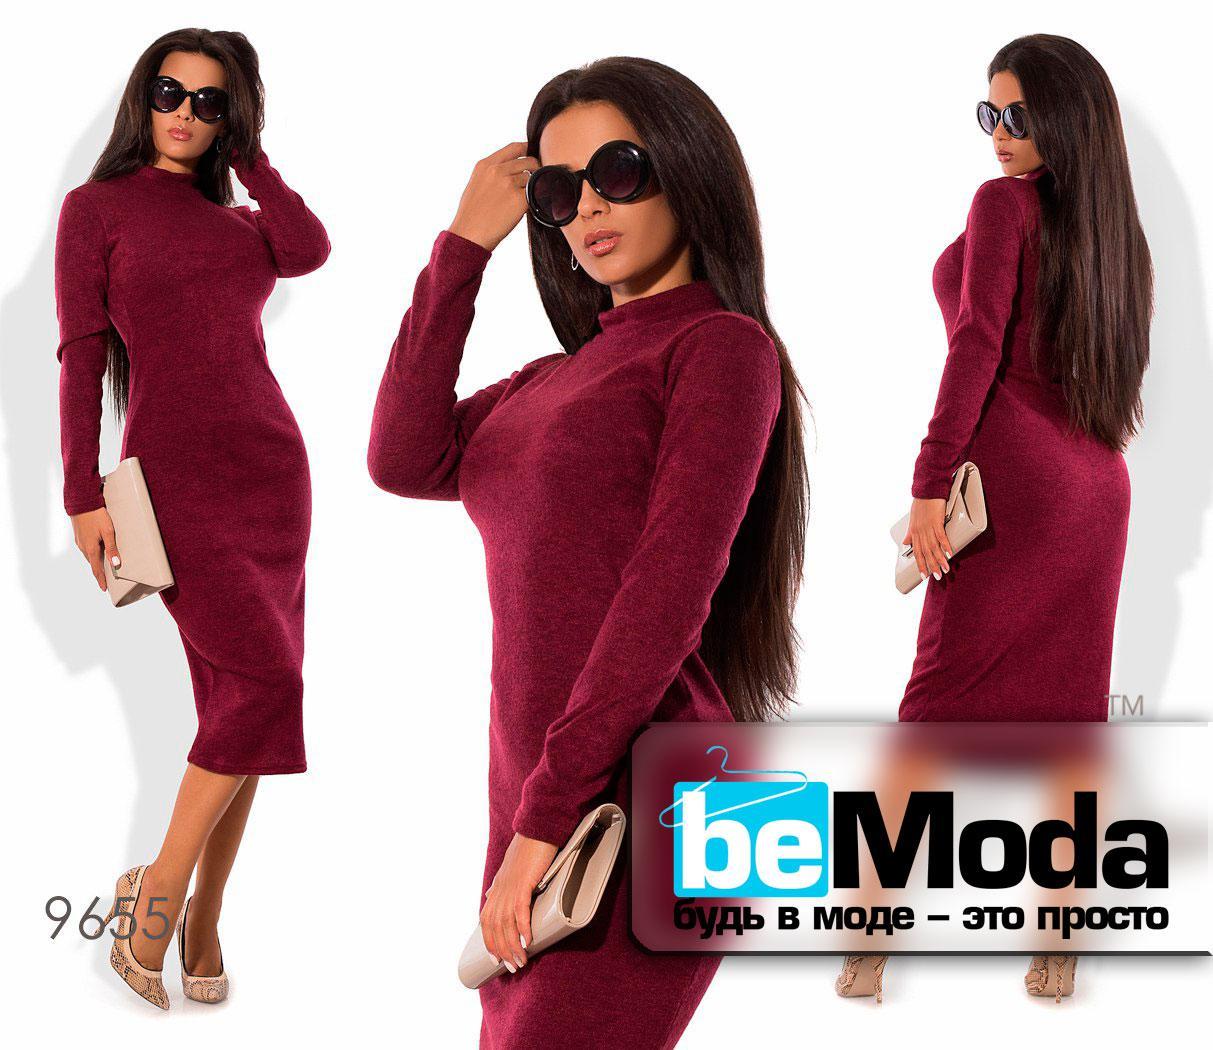 Красивое женское платье из ангоры по фигуре бордовое - Модная одежда, обувь и аксессуары интернет-магазин BeModa.com.ua в Белой Церкви